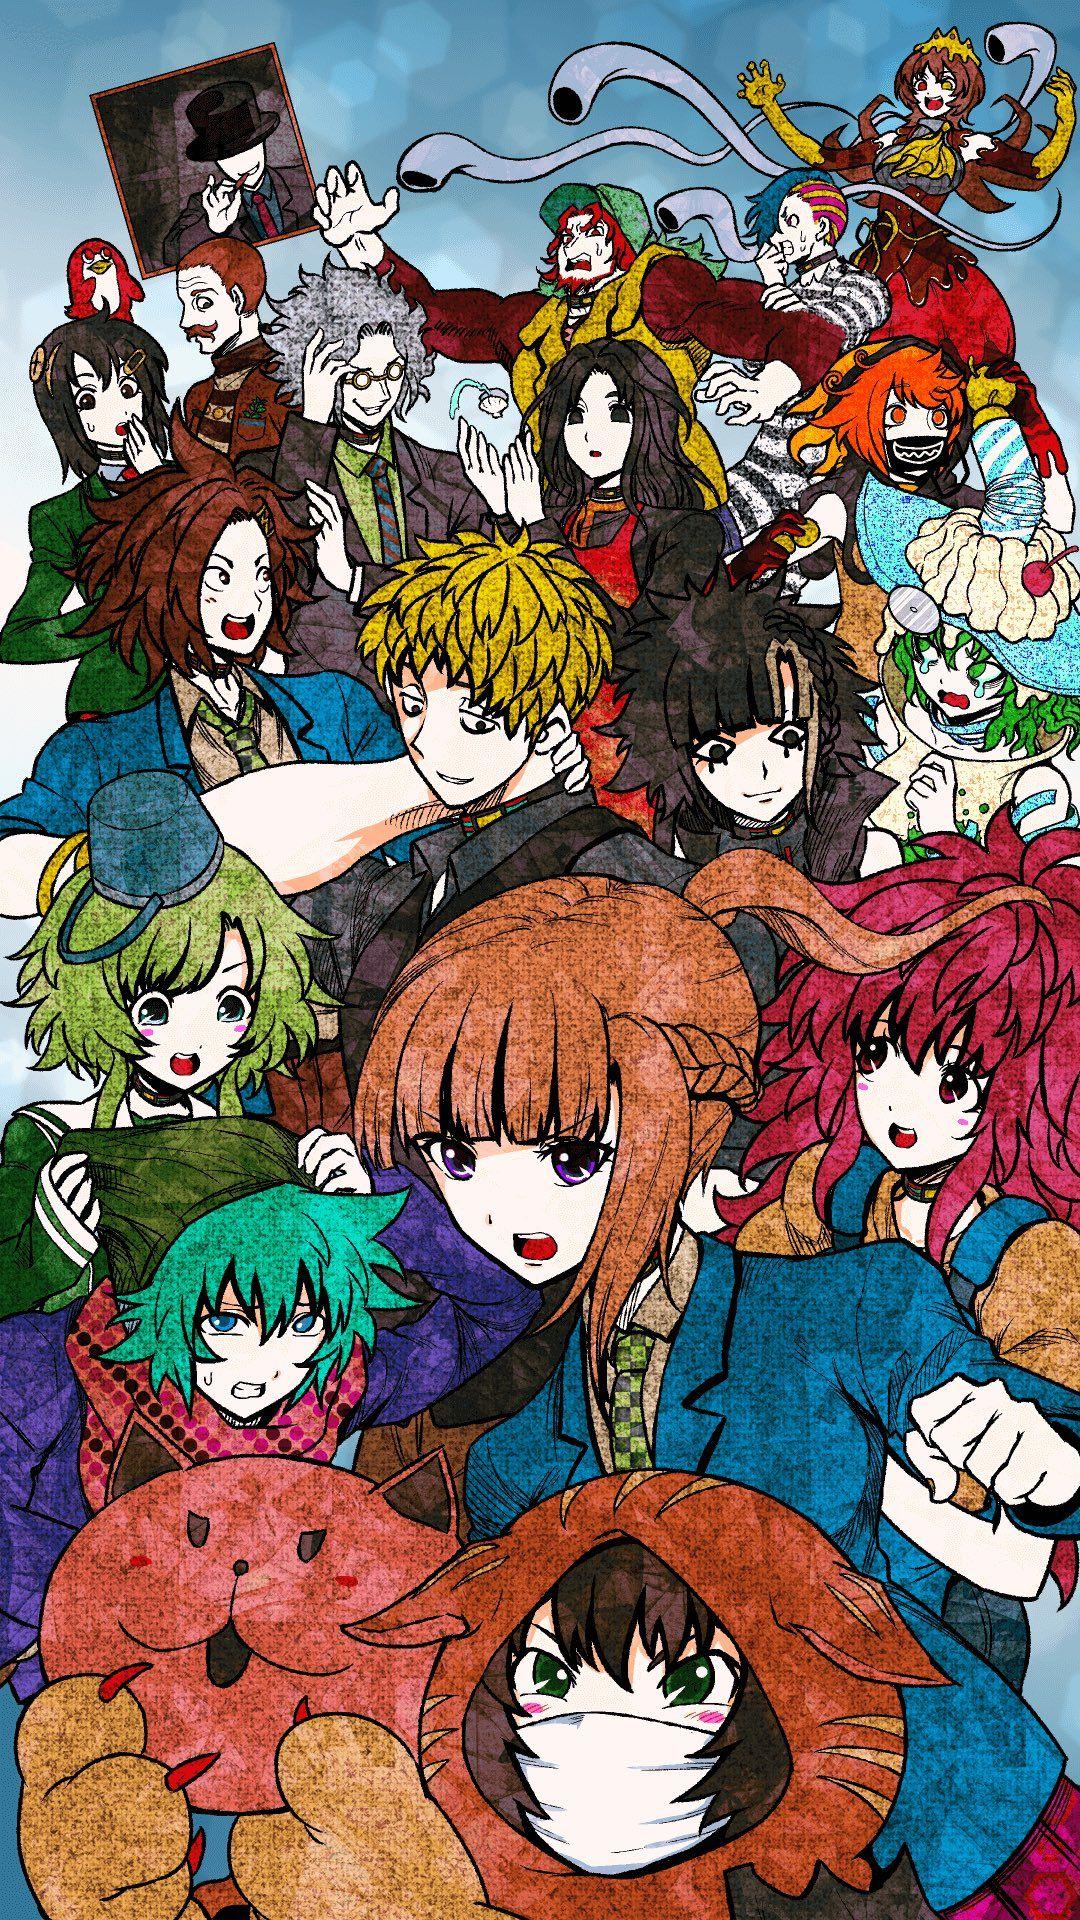 turn shine ga kimi yttd wallpapers ranger rio shin kai anime tsukimi joe satou reko nao tier taro tazuna safalin